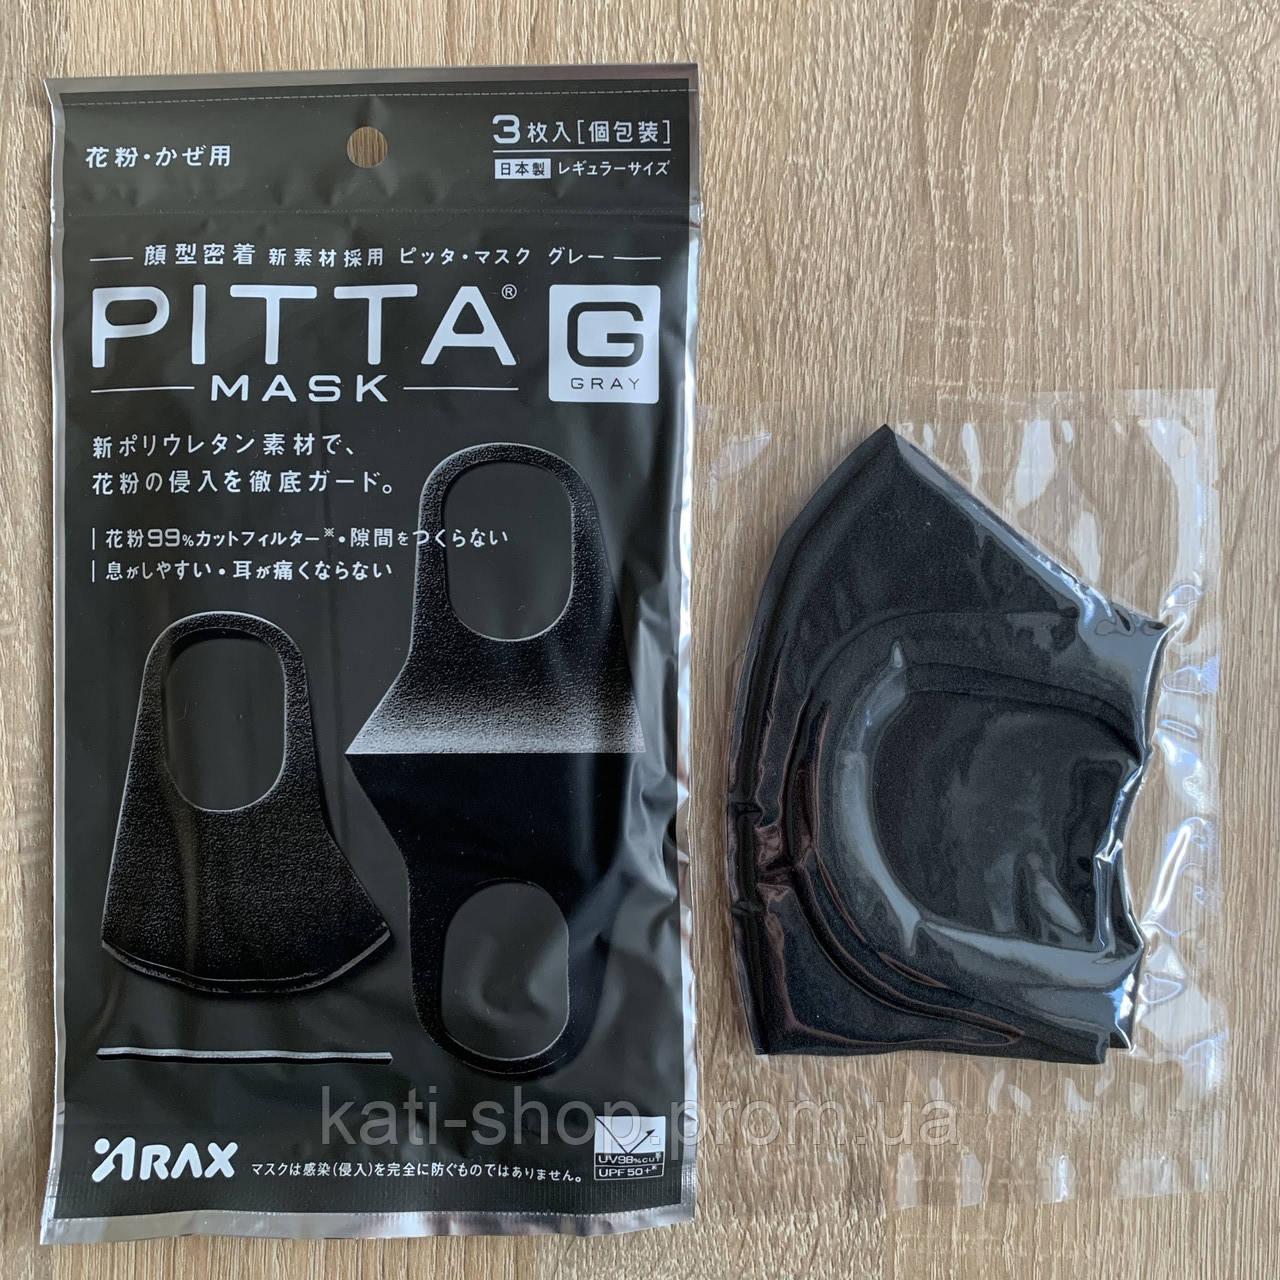 30 ШТ Маска многоразовая угольная Pitta Mask ARAX Gray 10 упаковок (вспененный полиуретан)